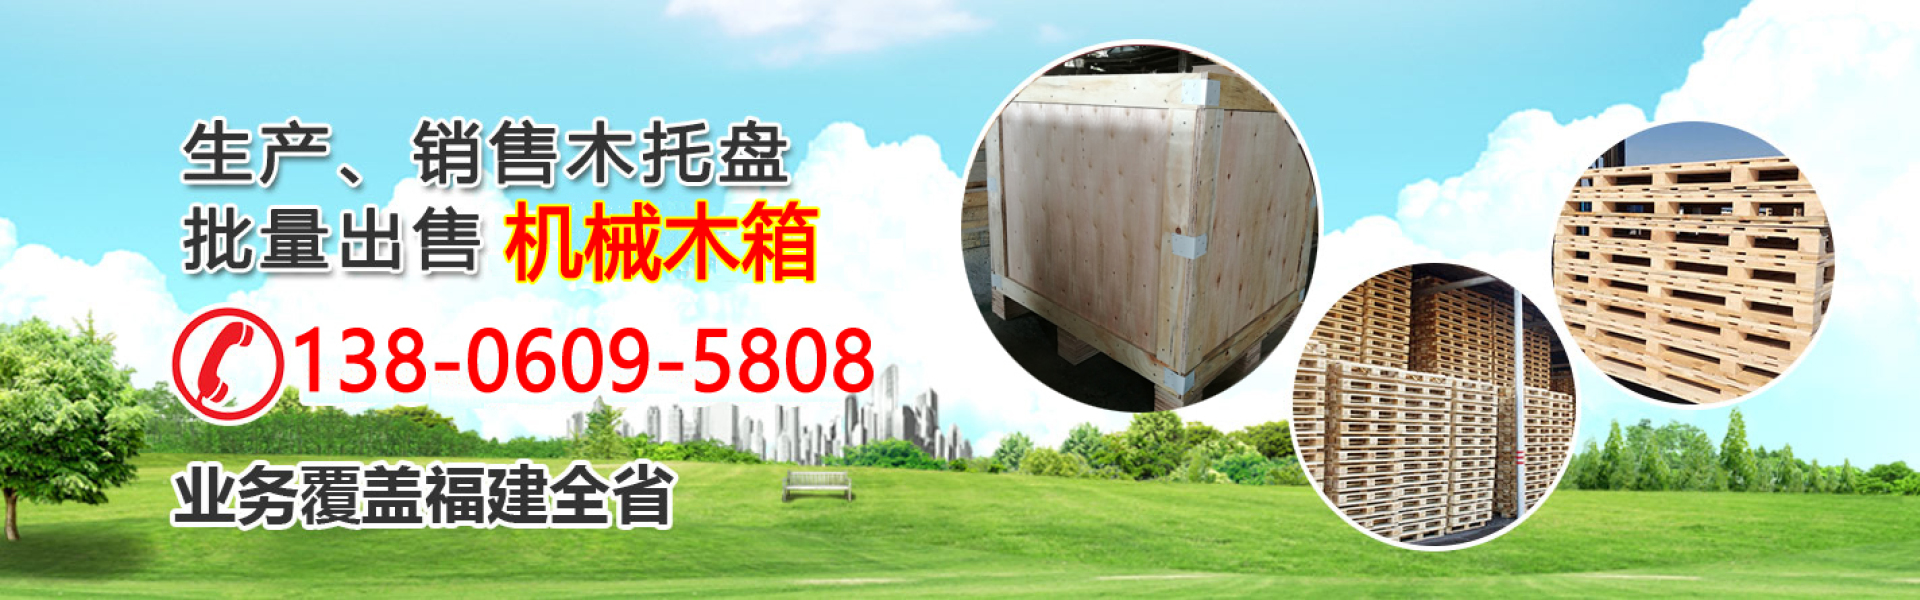 机械木箱、机械木包装箱、机械包装箱、精密机械包装箱